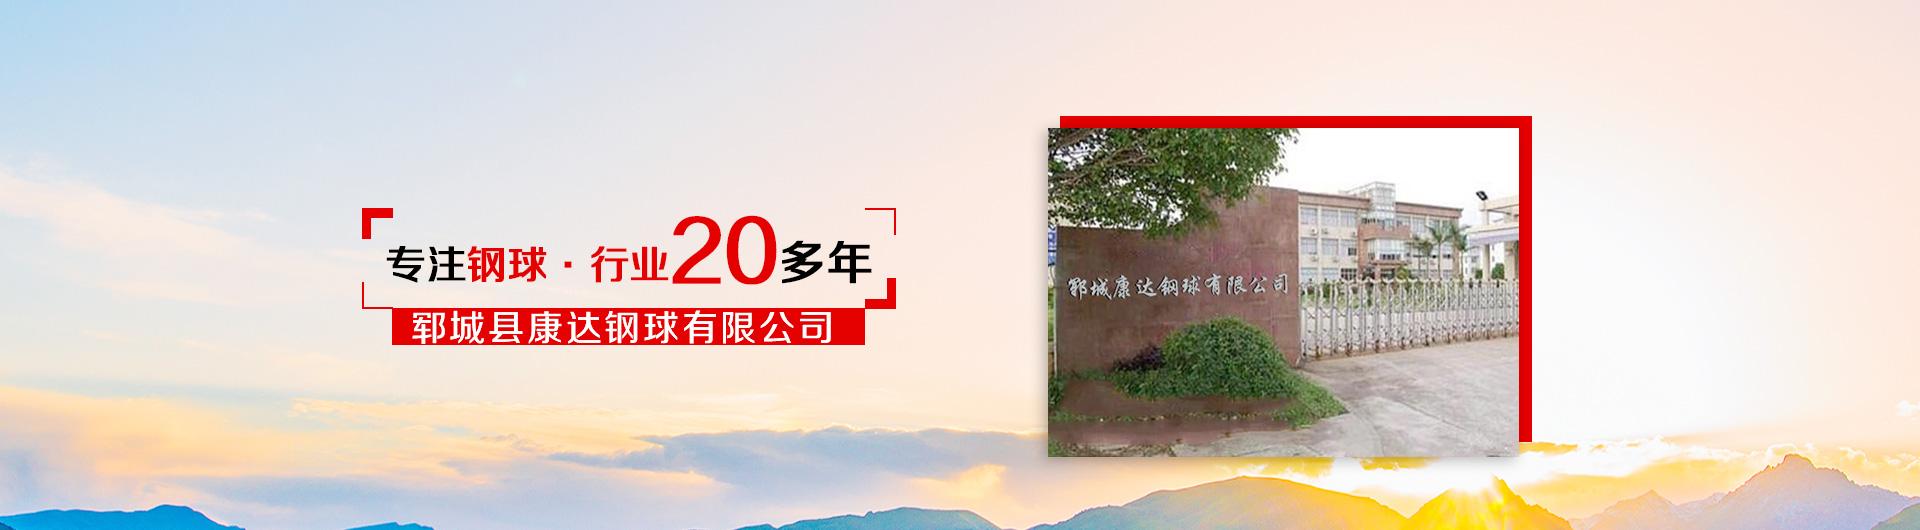 http://www.kdgangqiu.com/data/upload/202007/20200721084119_732.jpg